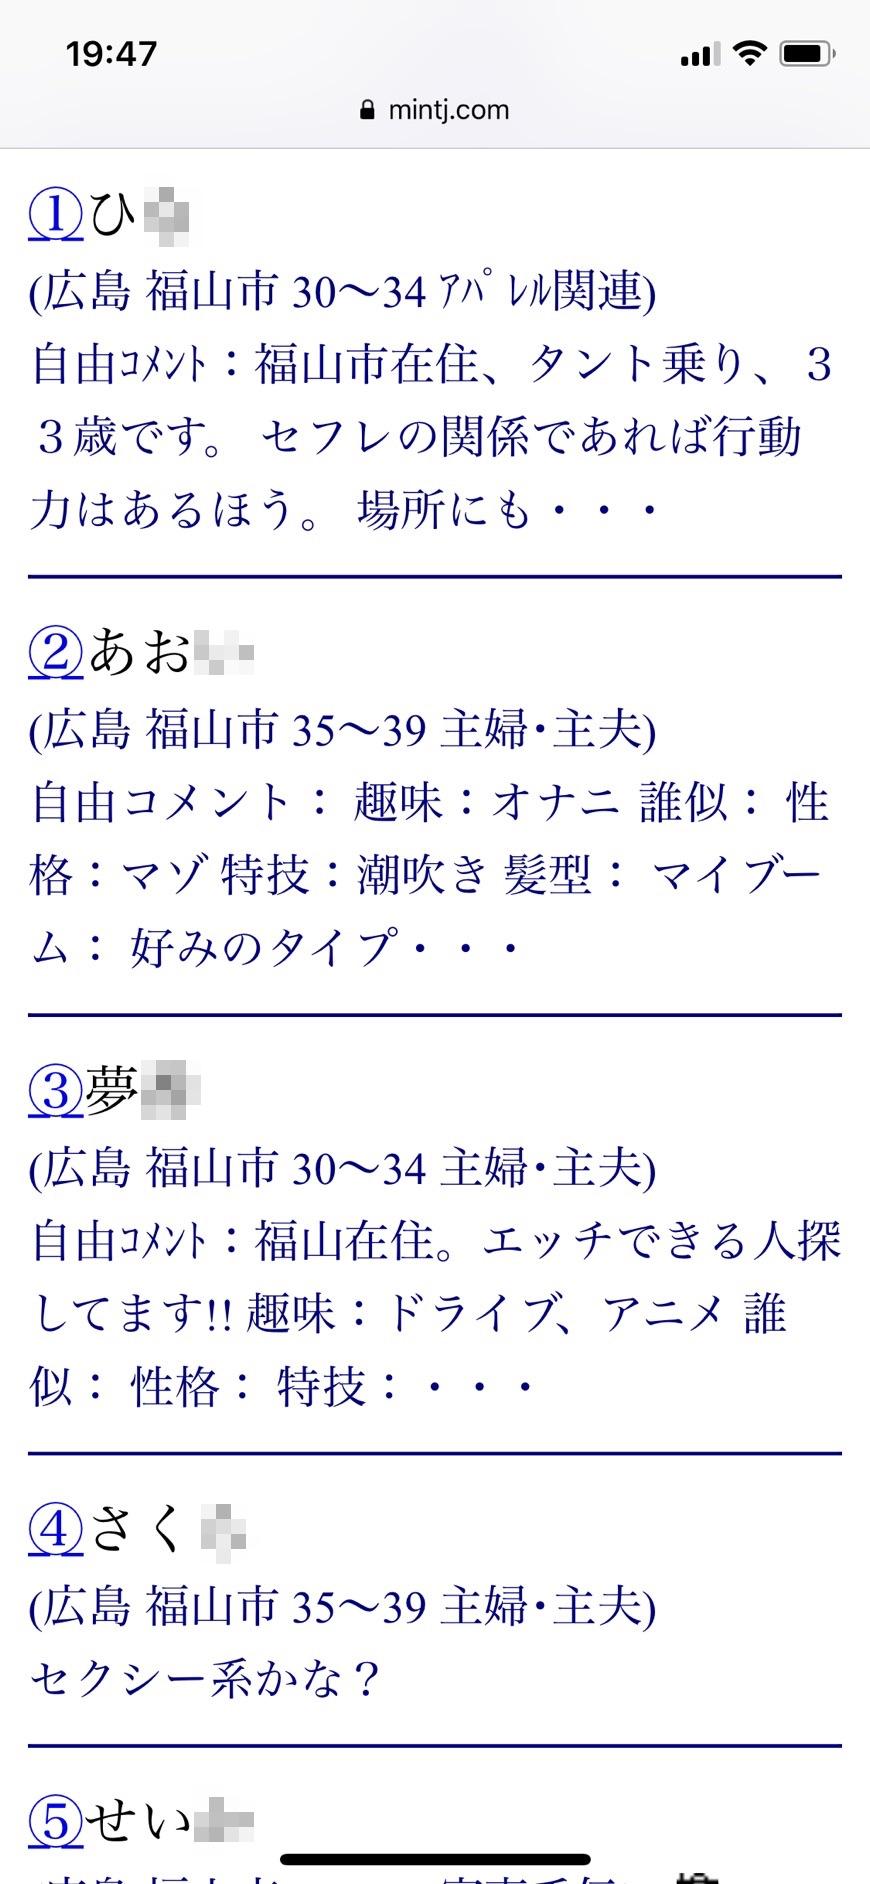 福山・エッチ(Jメール)